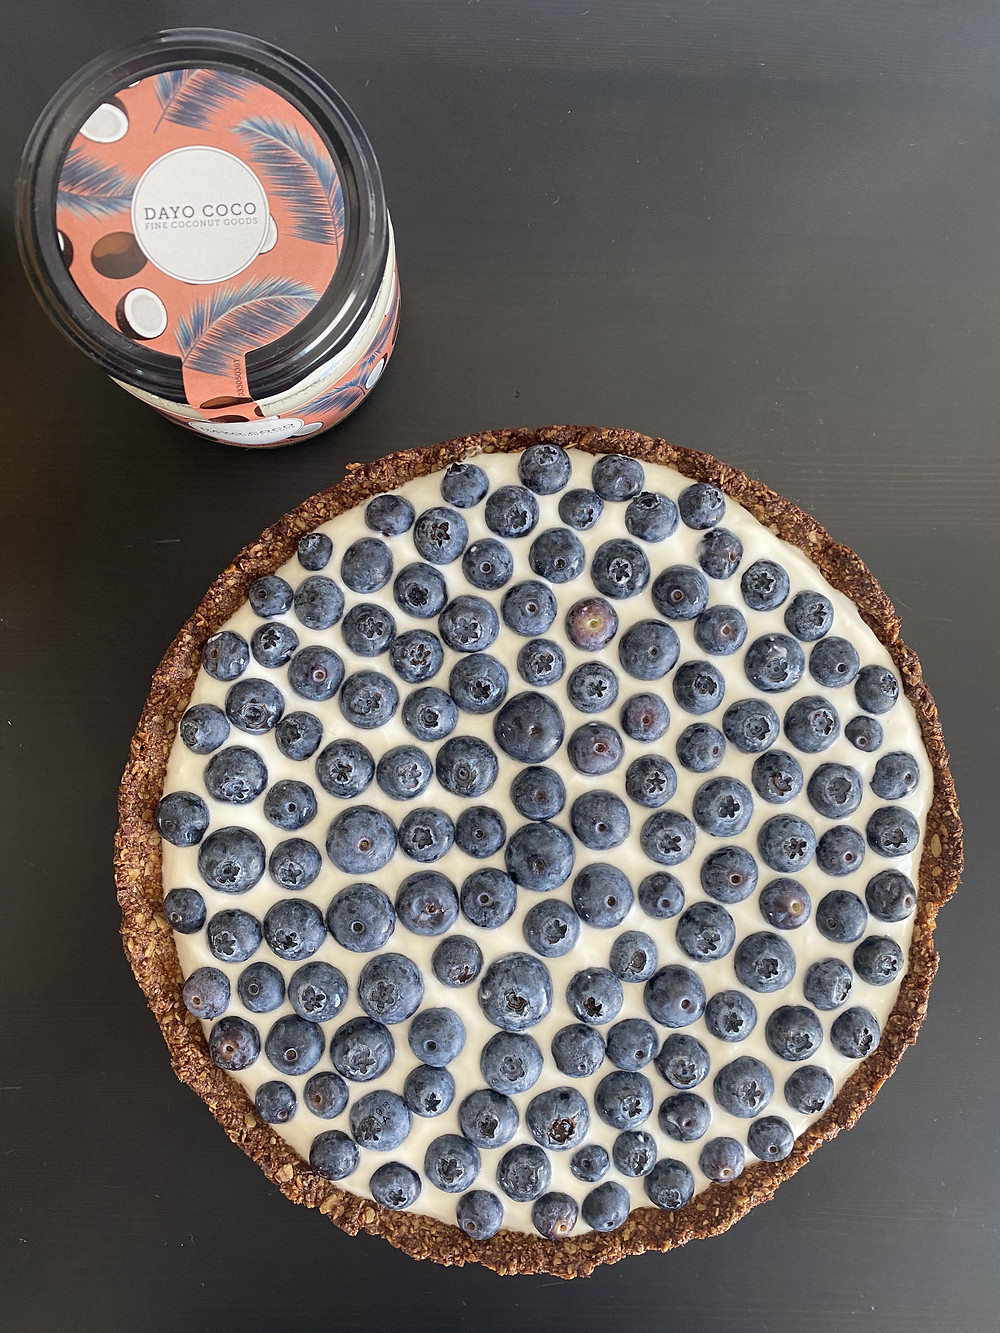 Blueberry-Tarte von DAYO COCO